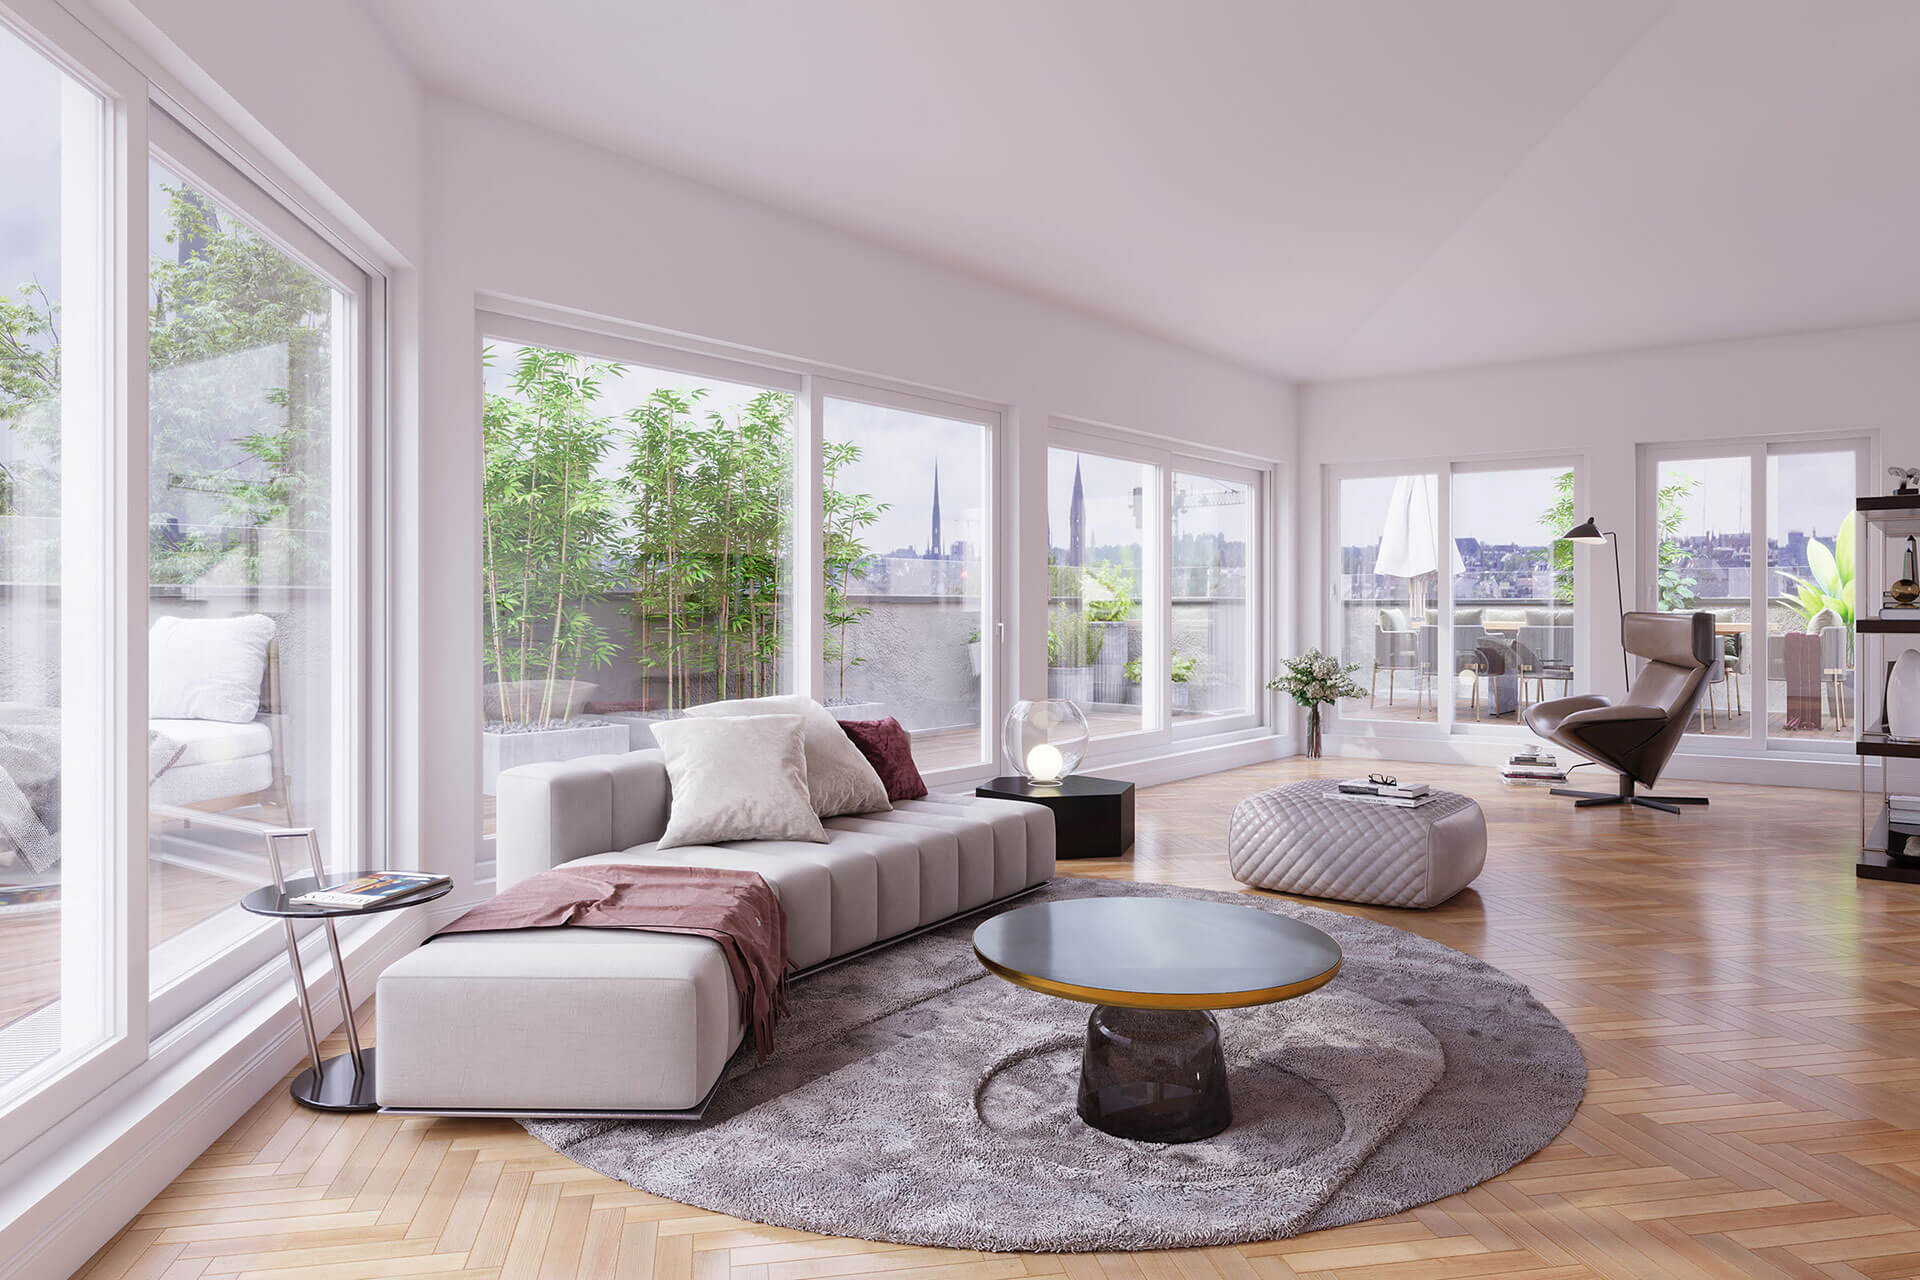 Attic apartment5 rooms